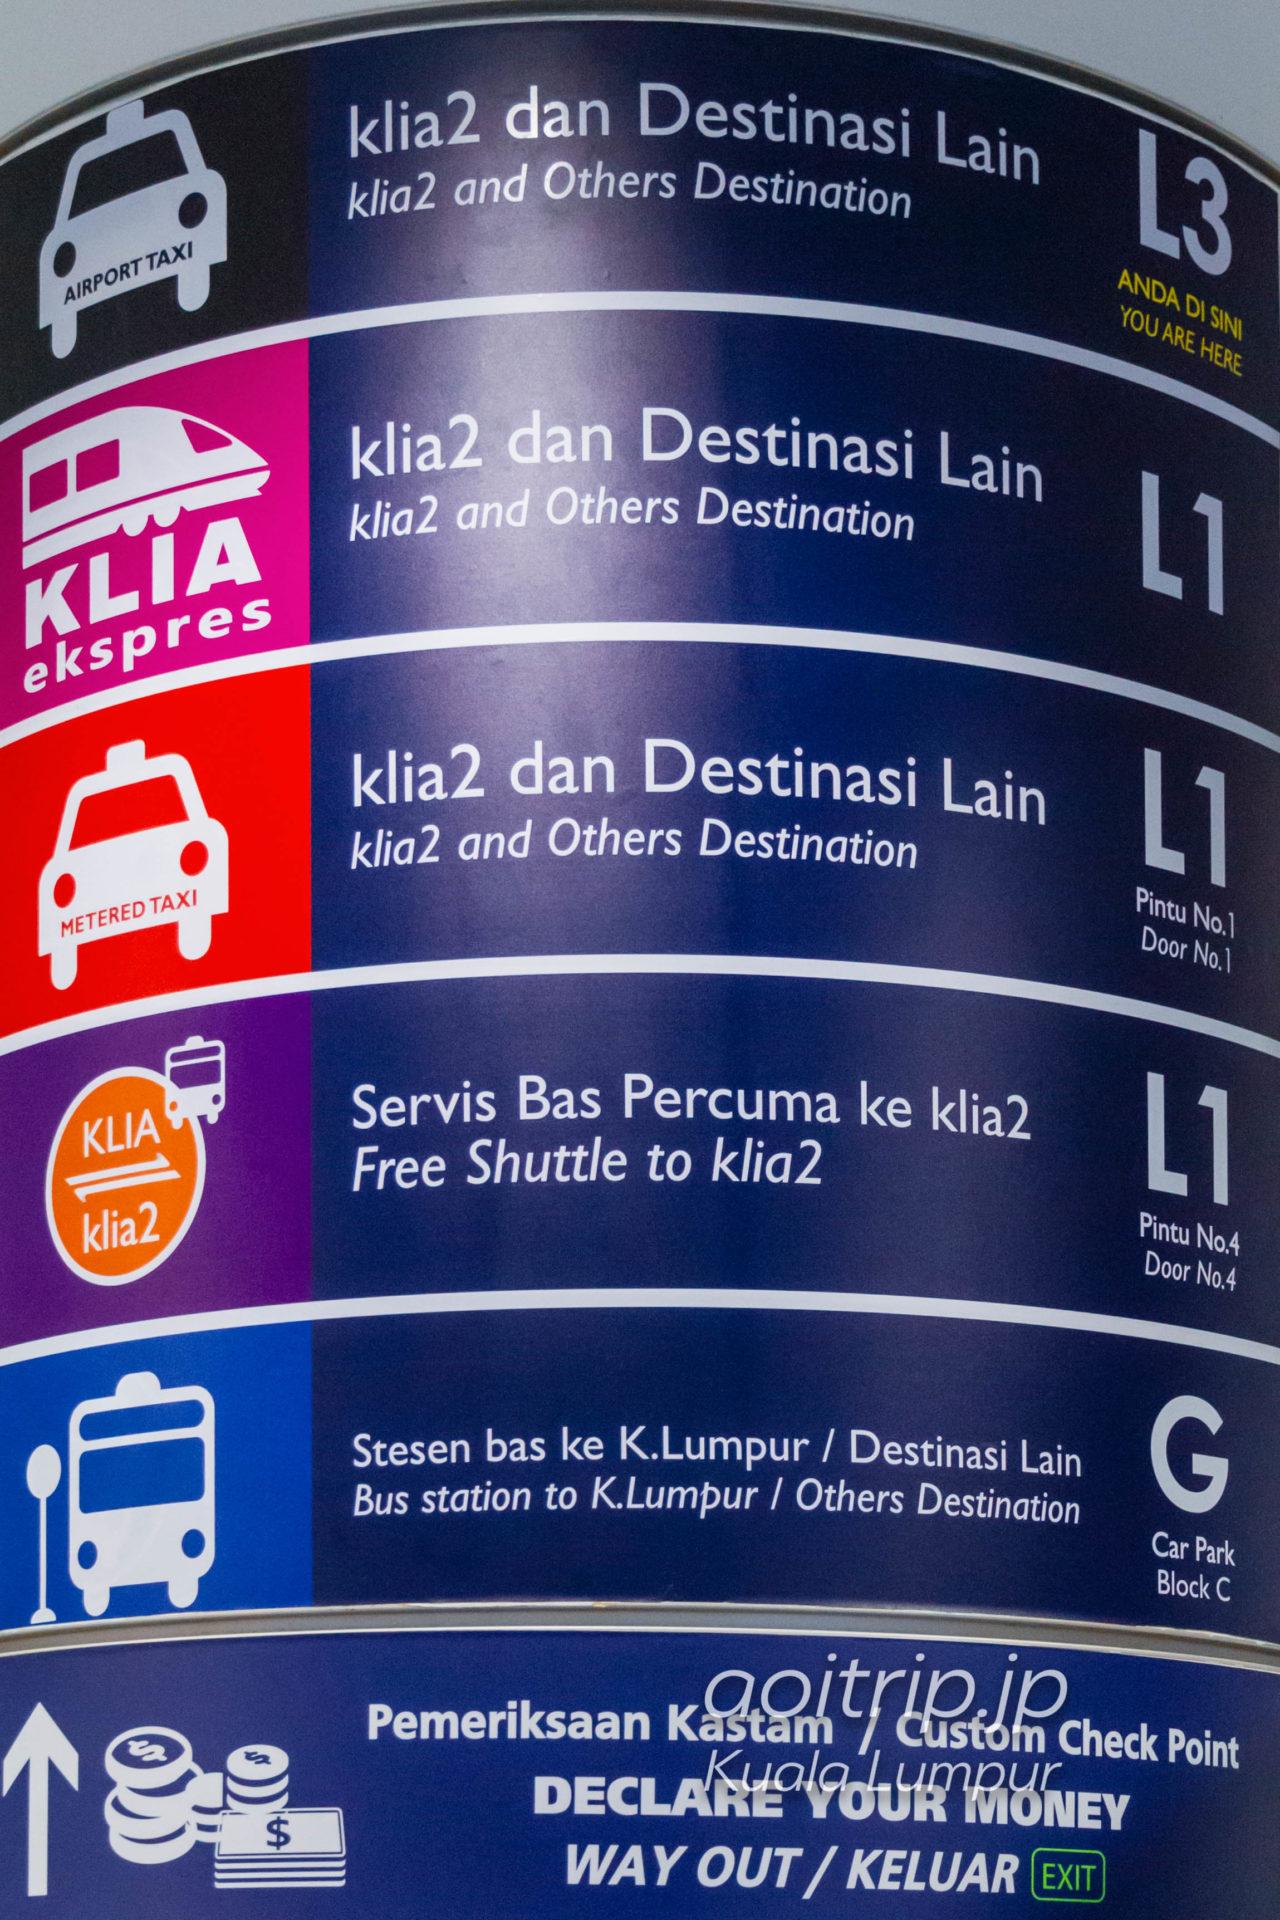 クアラルンプール国際空港からKLIAエクスプレス乗り場までの行き方